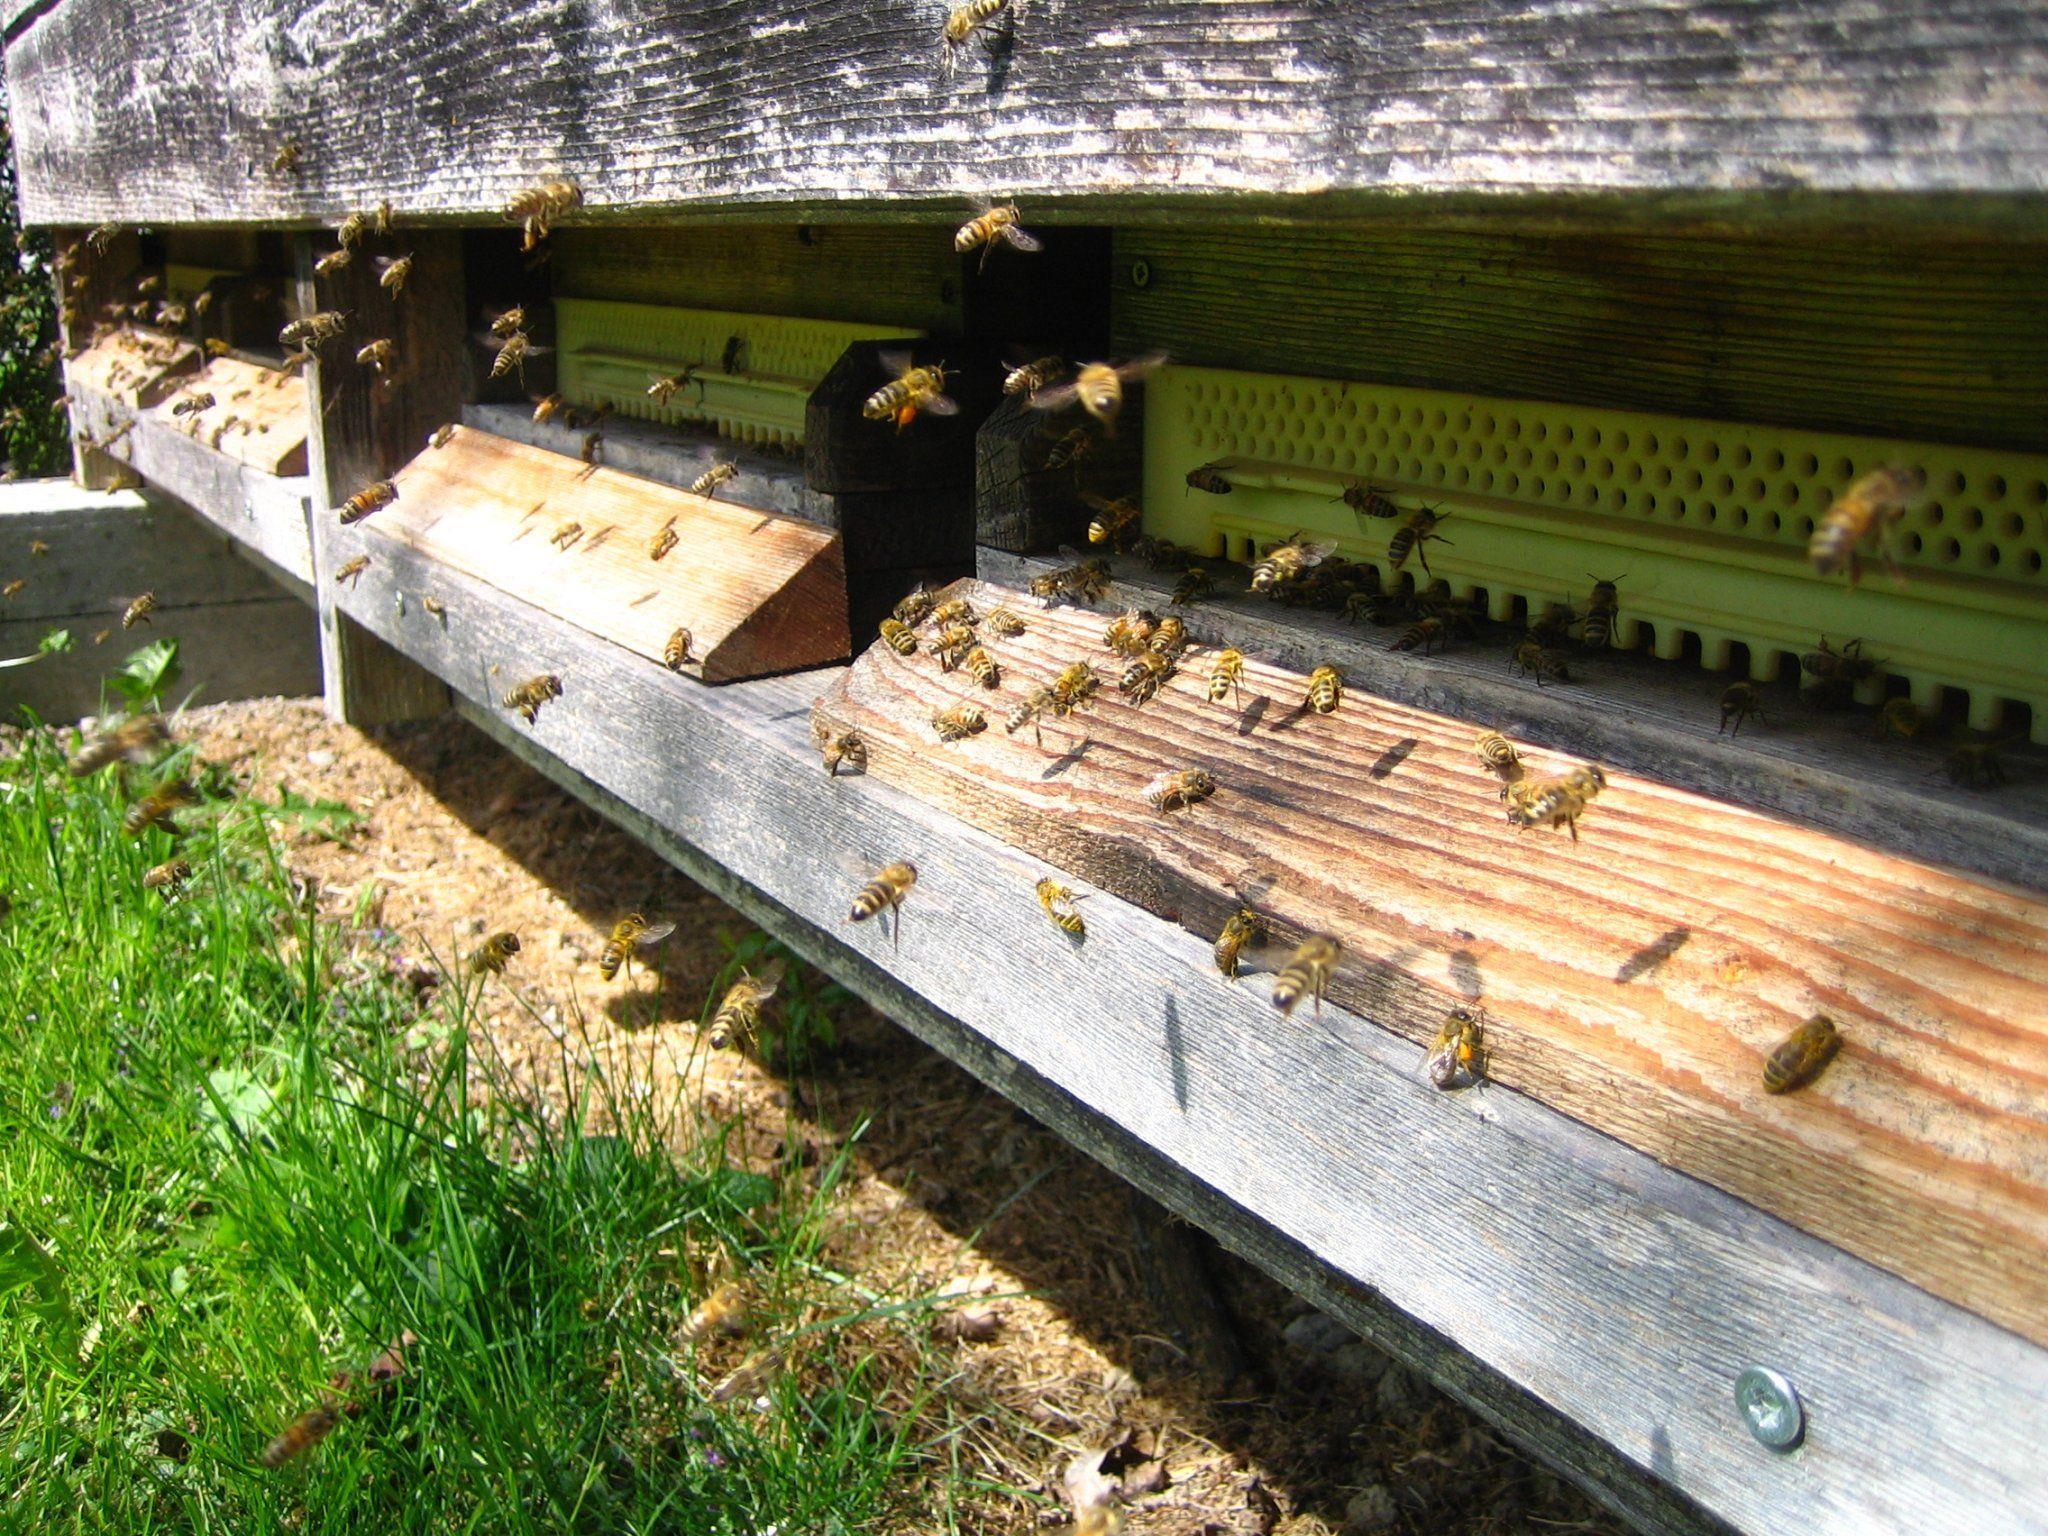 Unsere Bienen brauchen Hilfe!